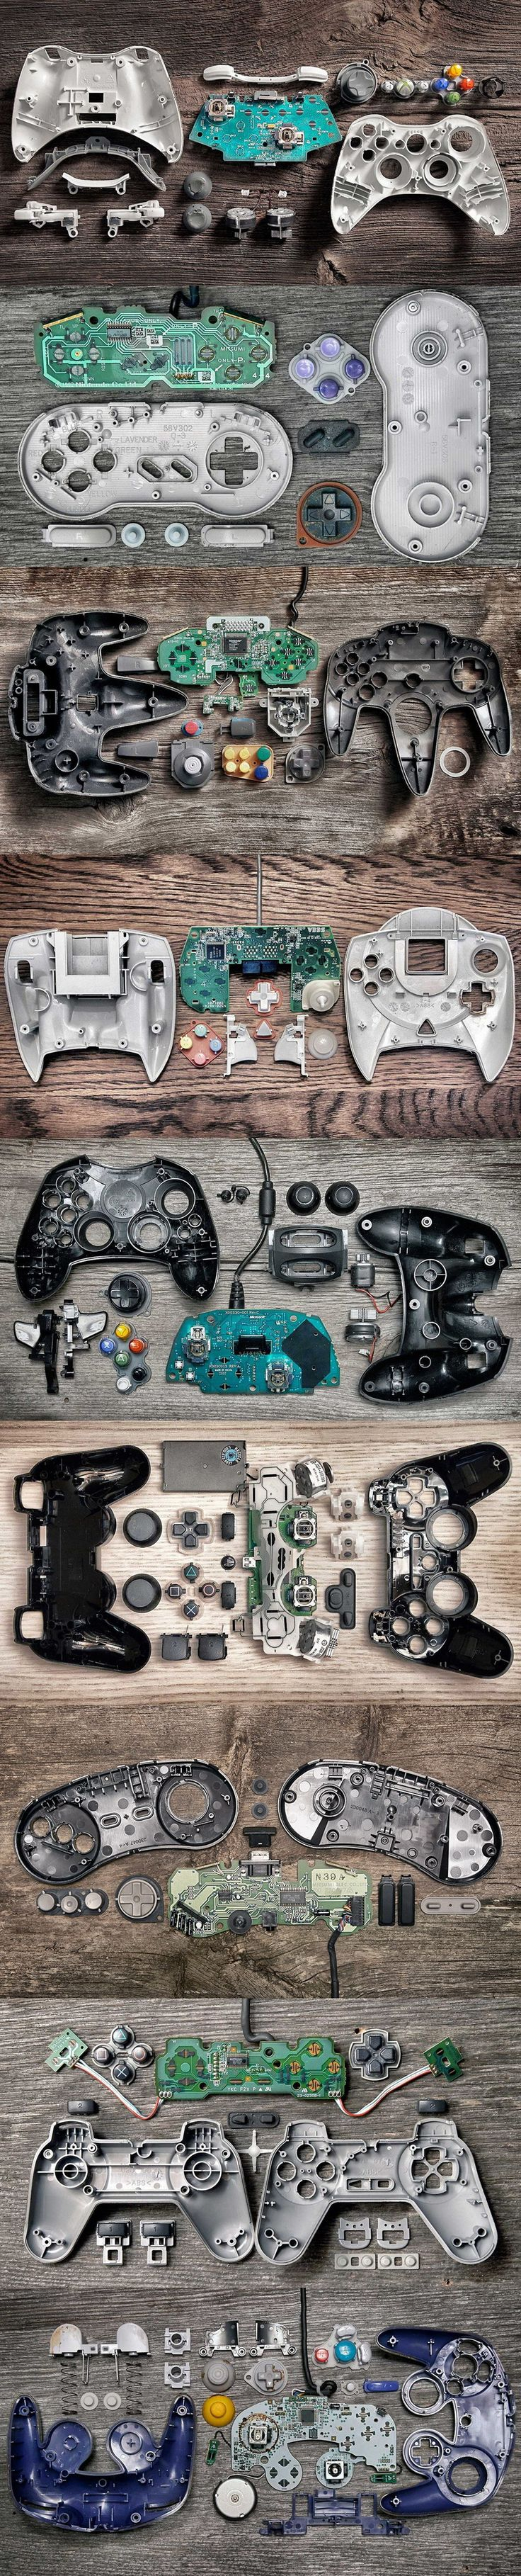 Anatomia doa controles de video game